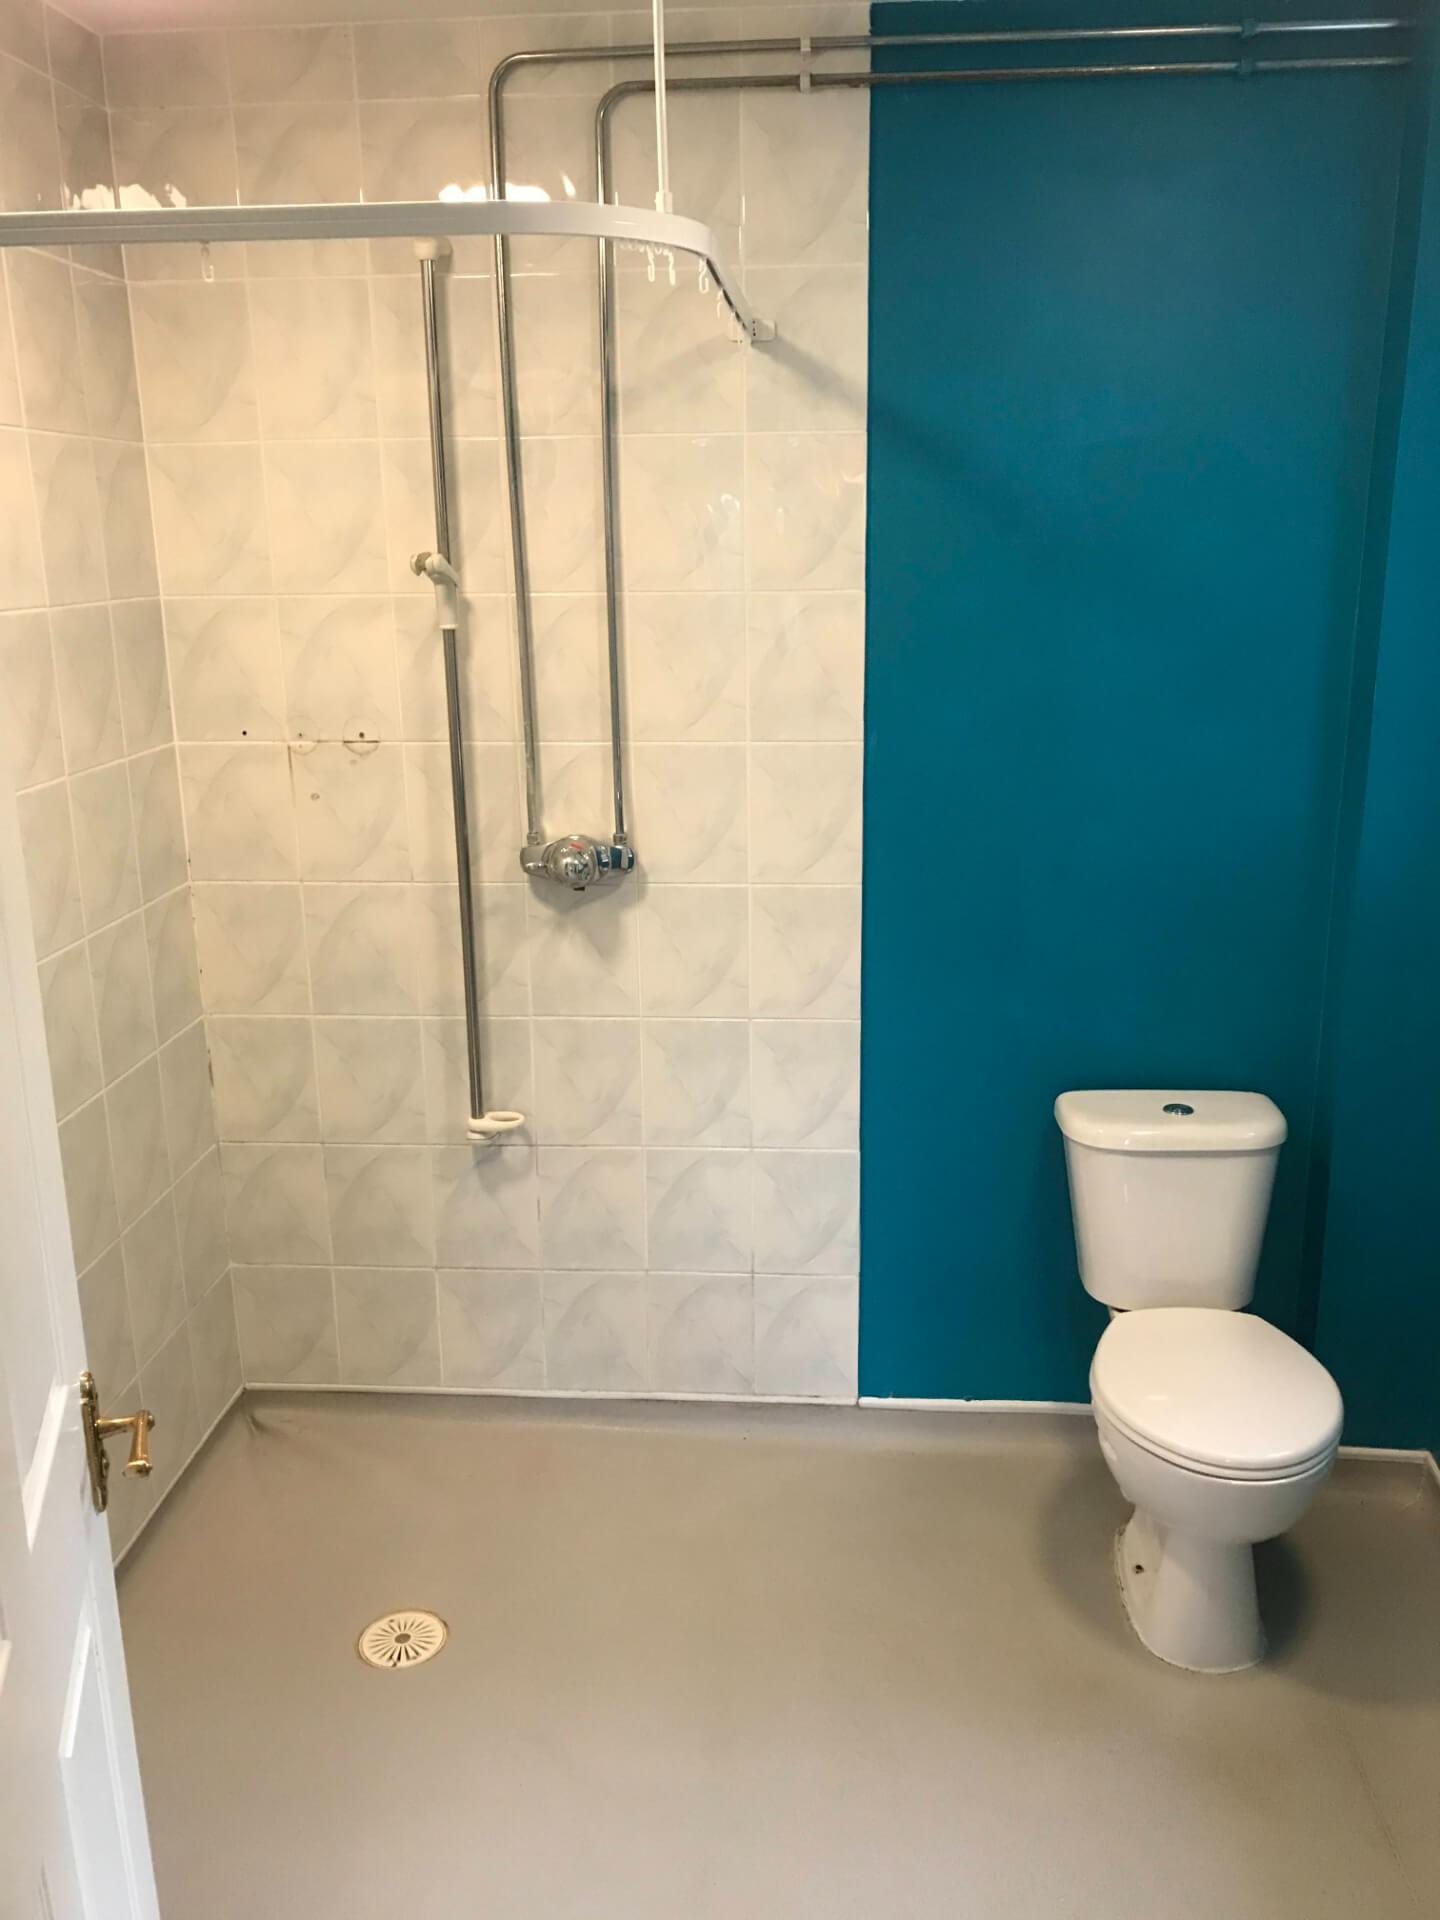 Bathroom Walls Renovation